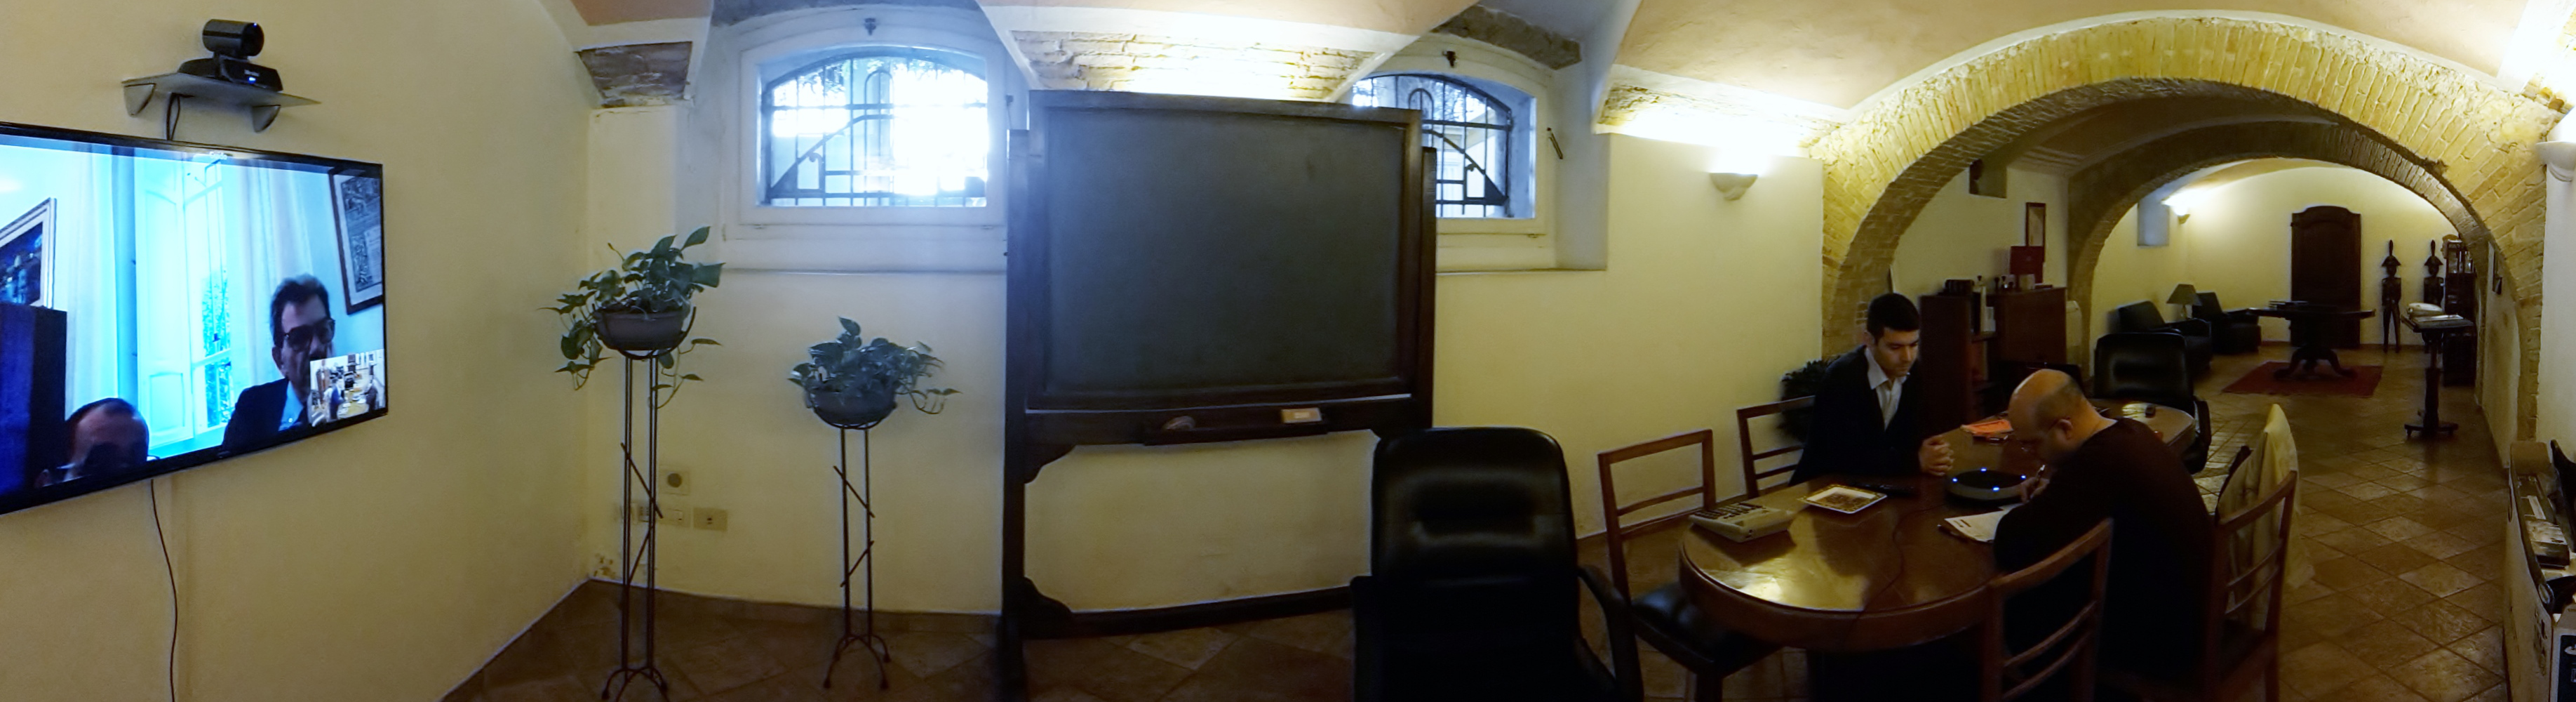 videoconferenza da sala per riunioni con associati - Fondazione Lions